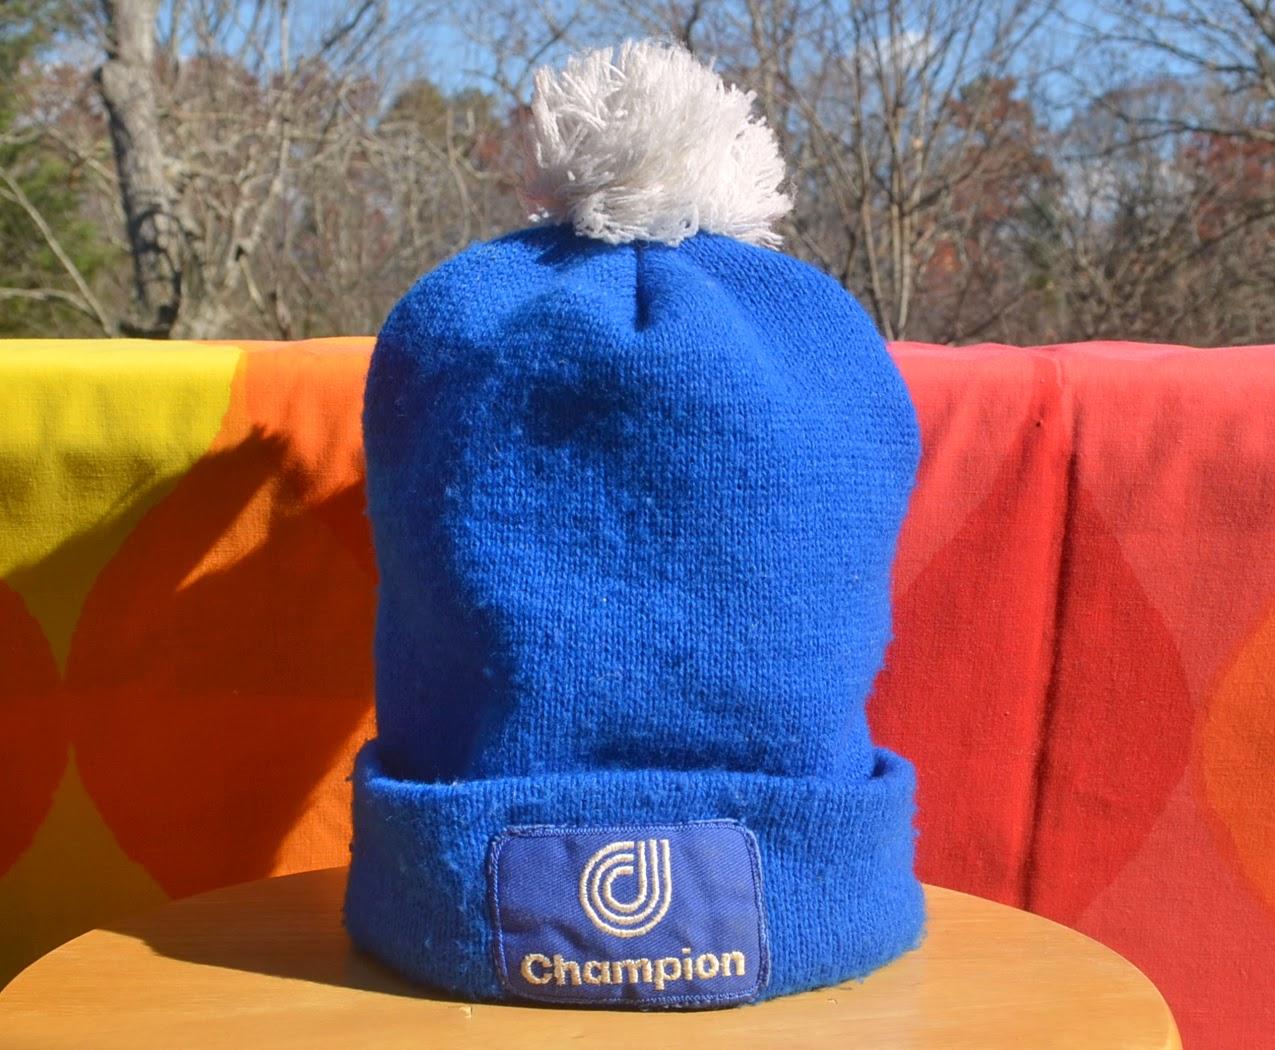 https://www.etsy.com/listing/214004270/vintage-70s-pom-pom-ski-hat-champion